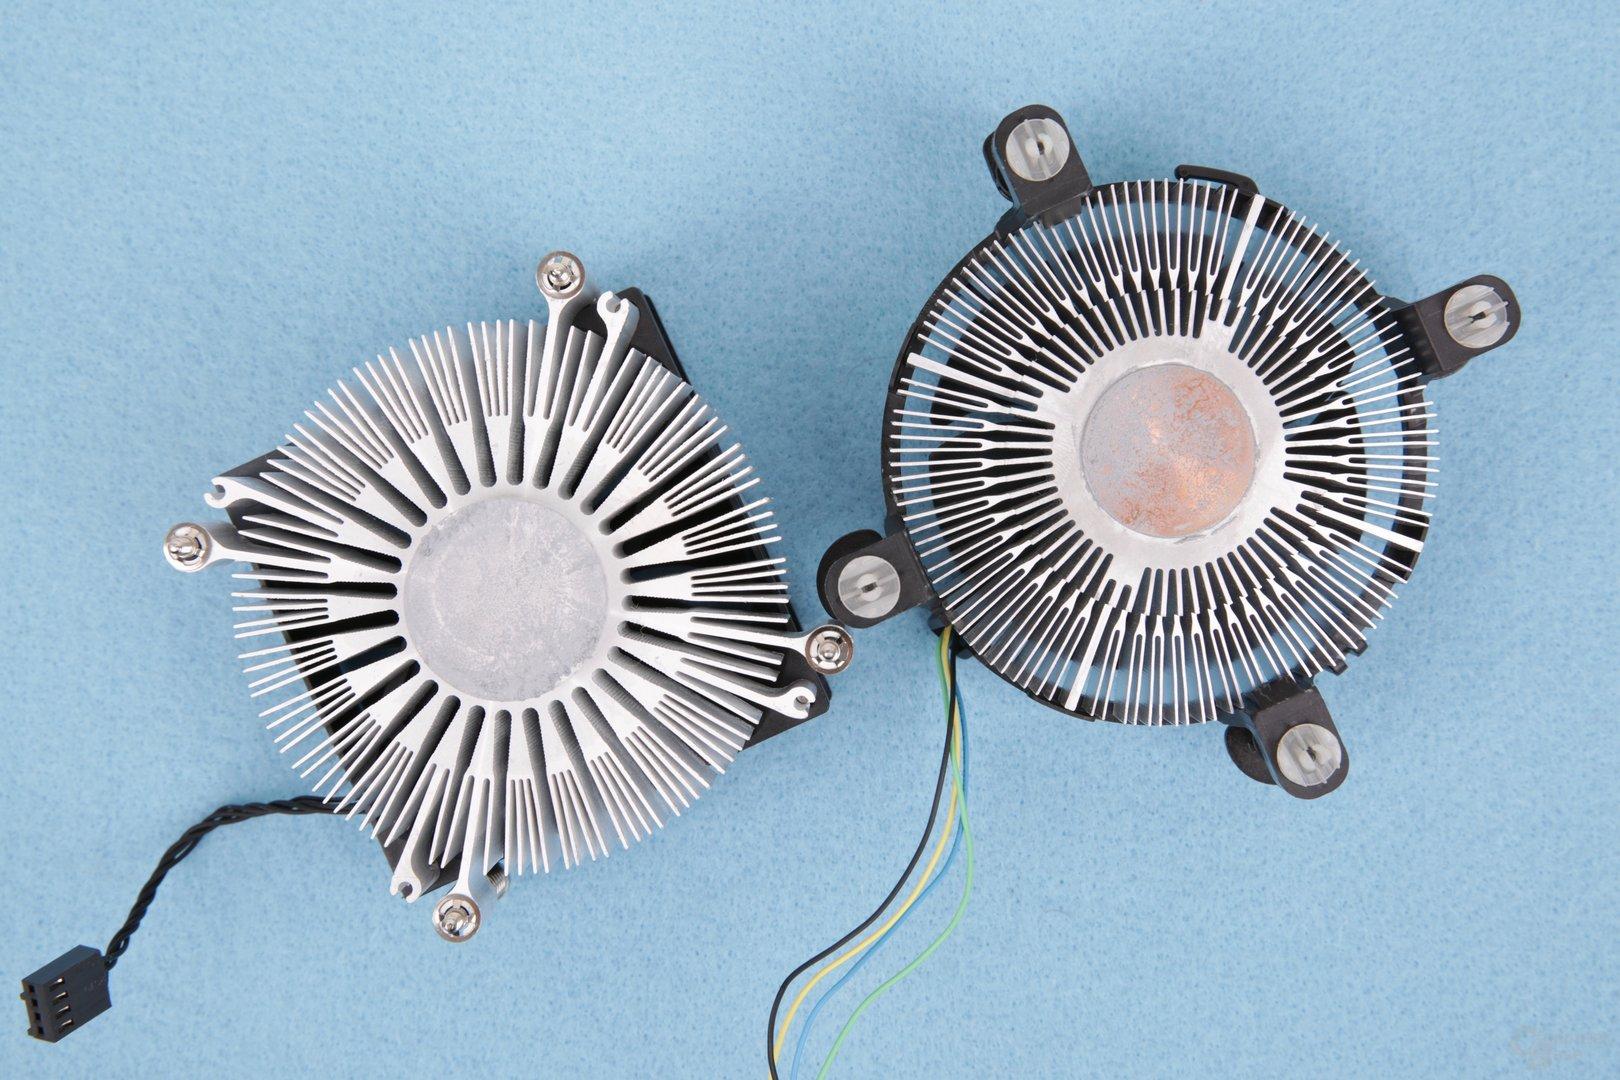 HP-Kühler im Vergleich zum Intel-Boxed